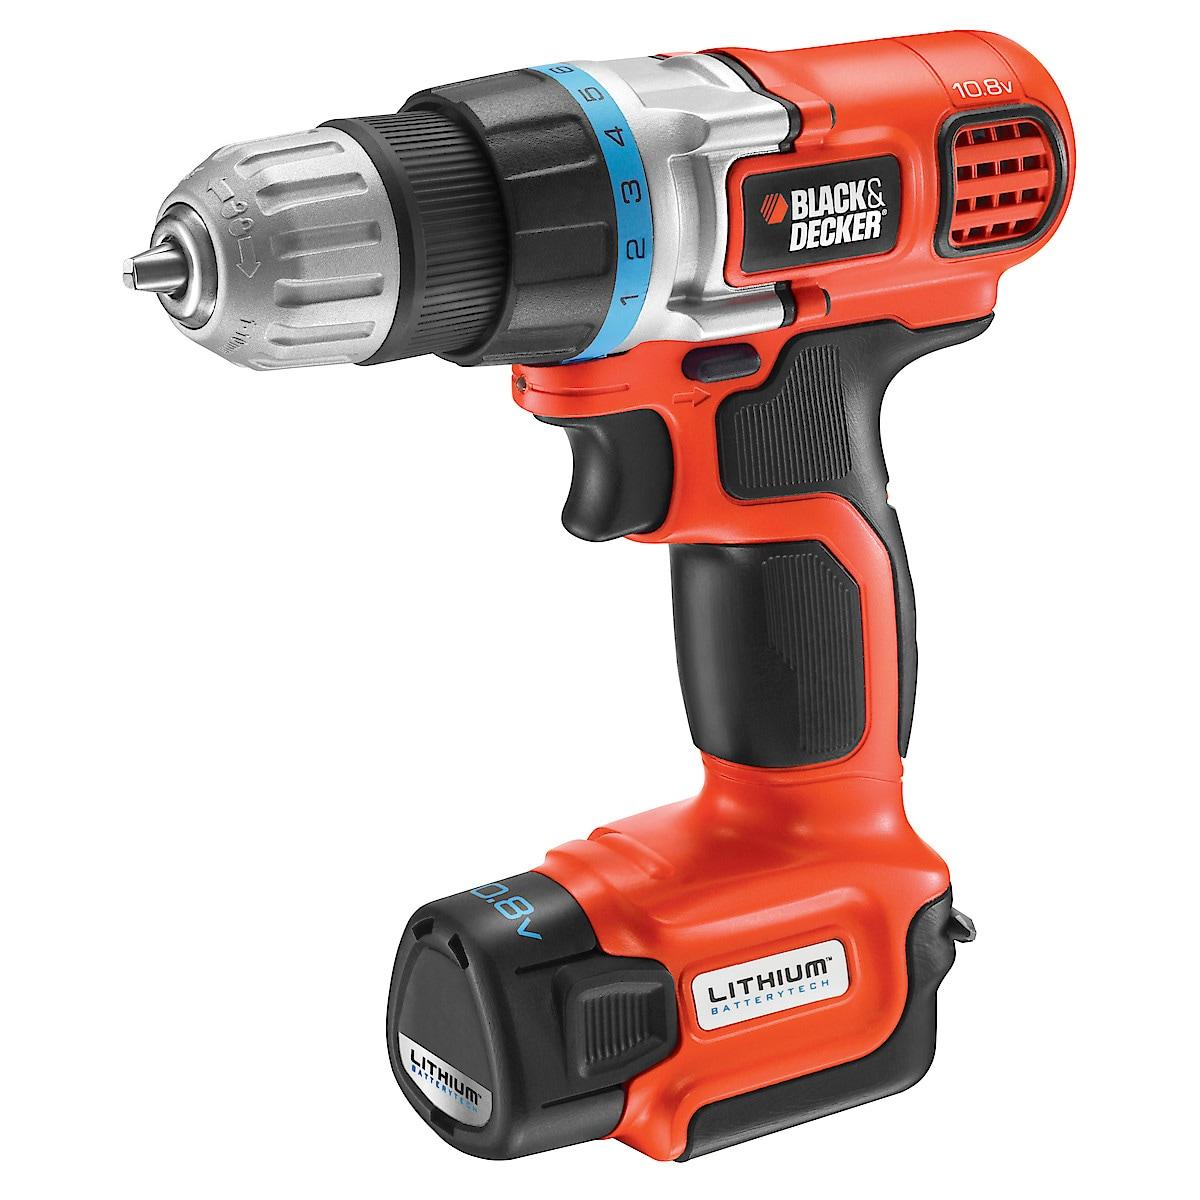 Black & Decker EGBL108KB drill